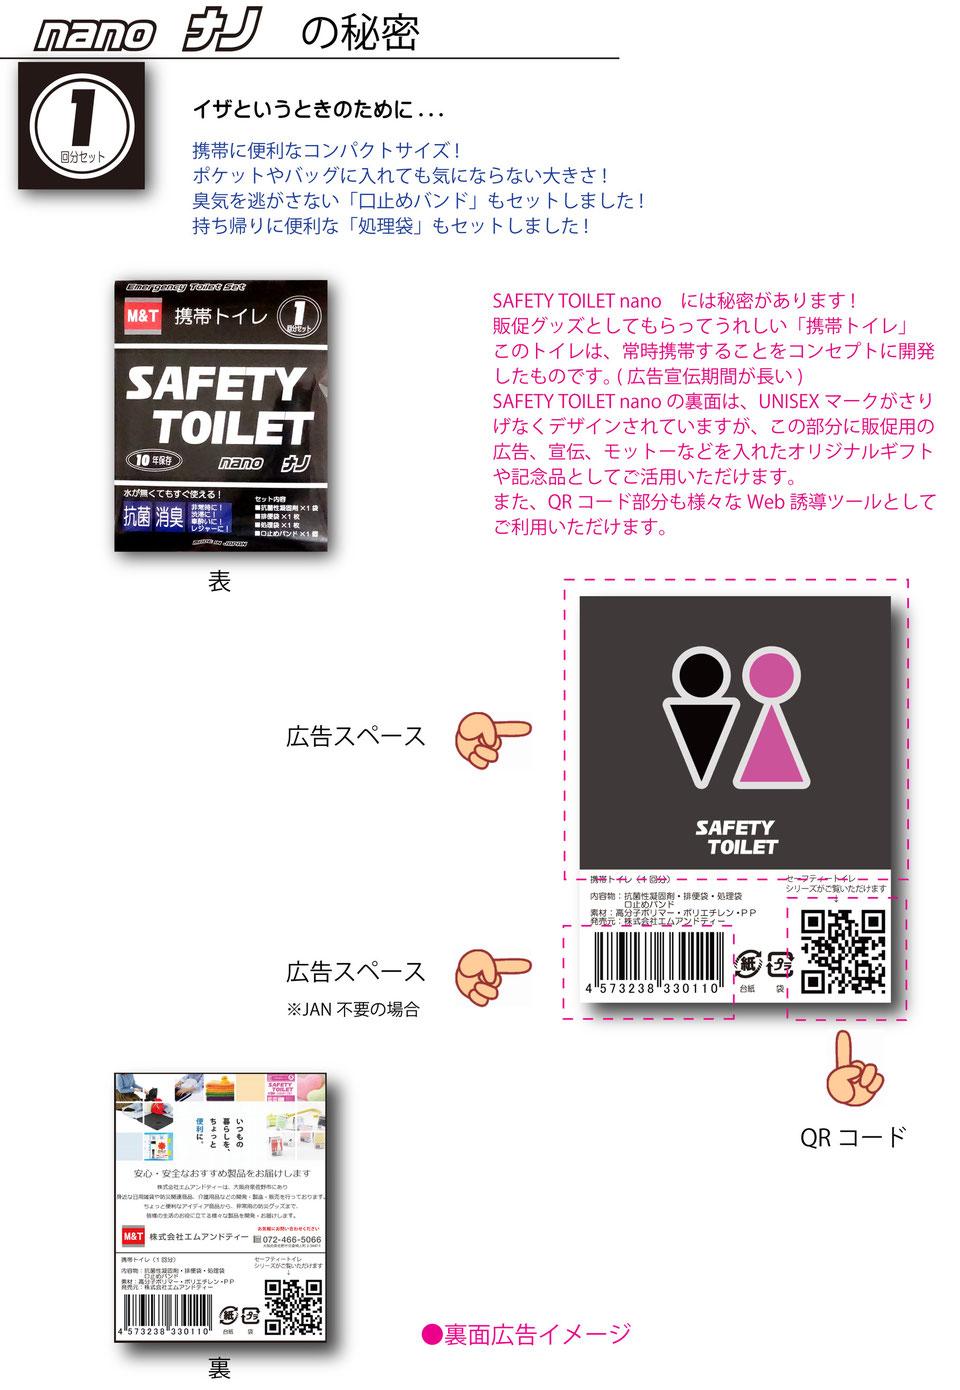 SAFETY TOILET nanoナノの秘密  広告スペース